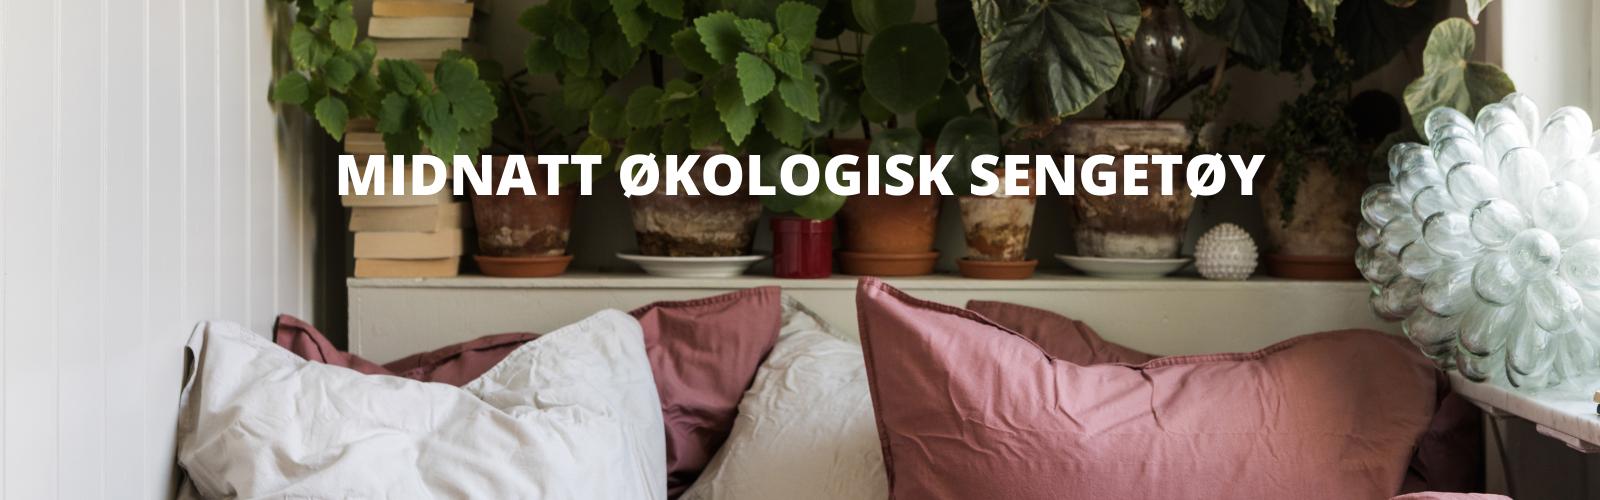 økologisk sengetøy fra Midnatt